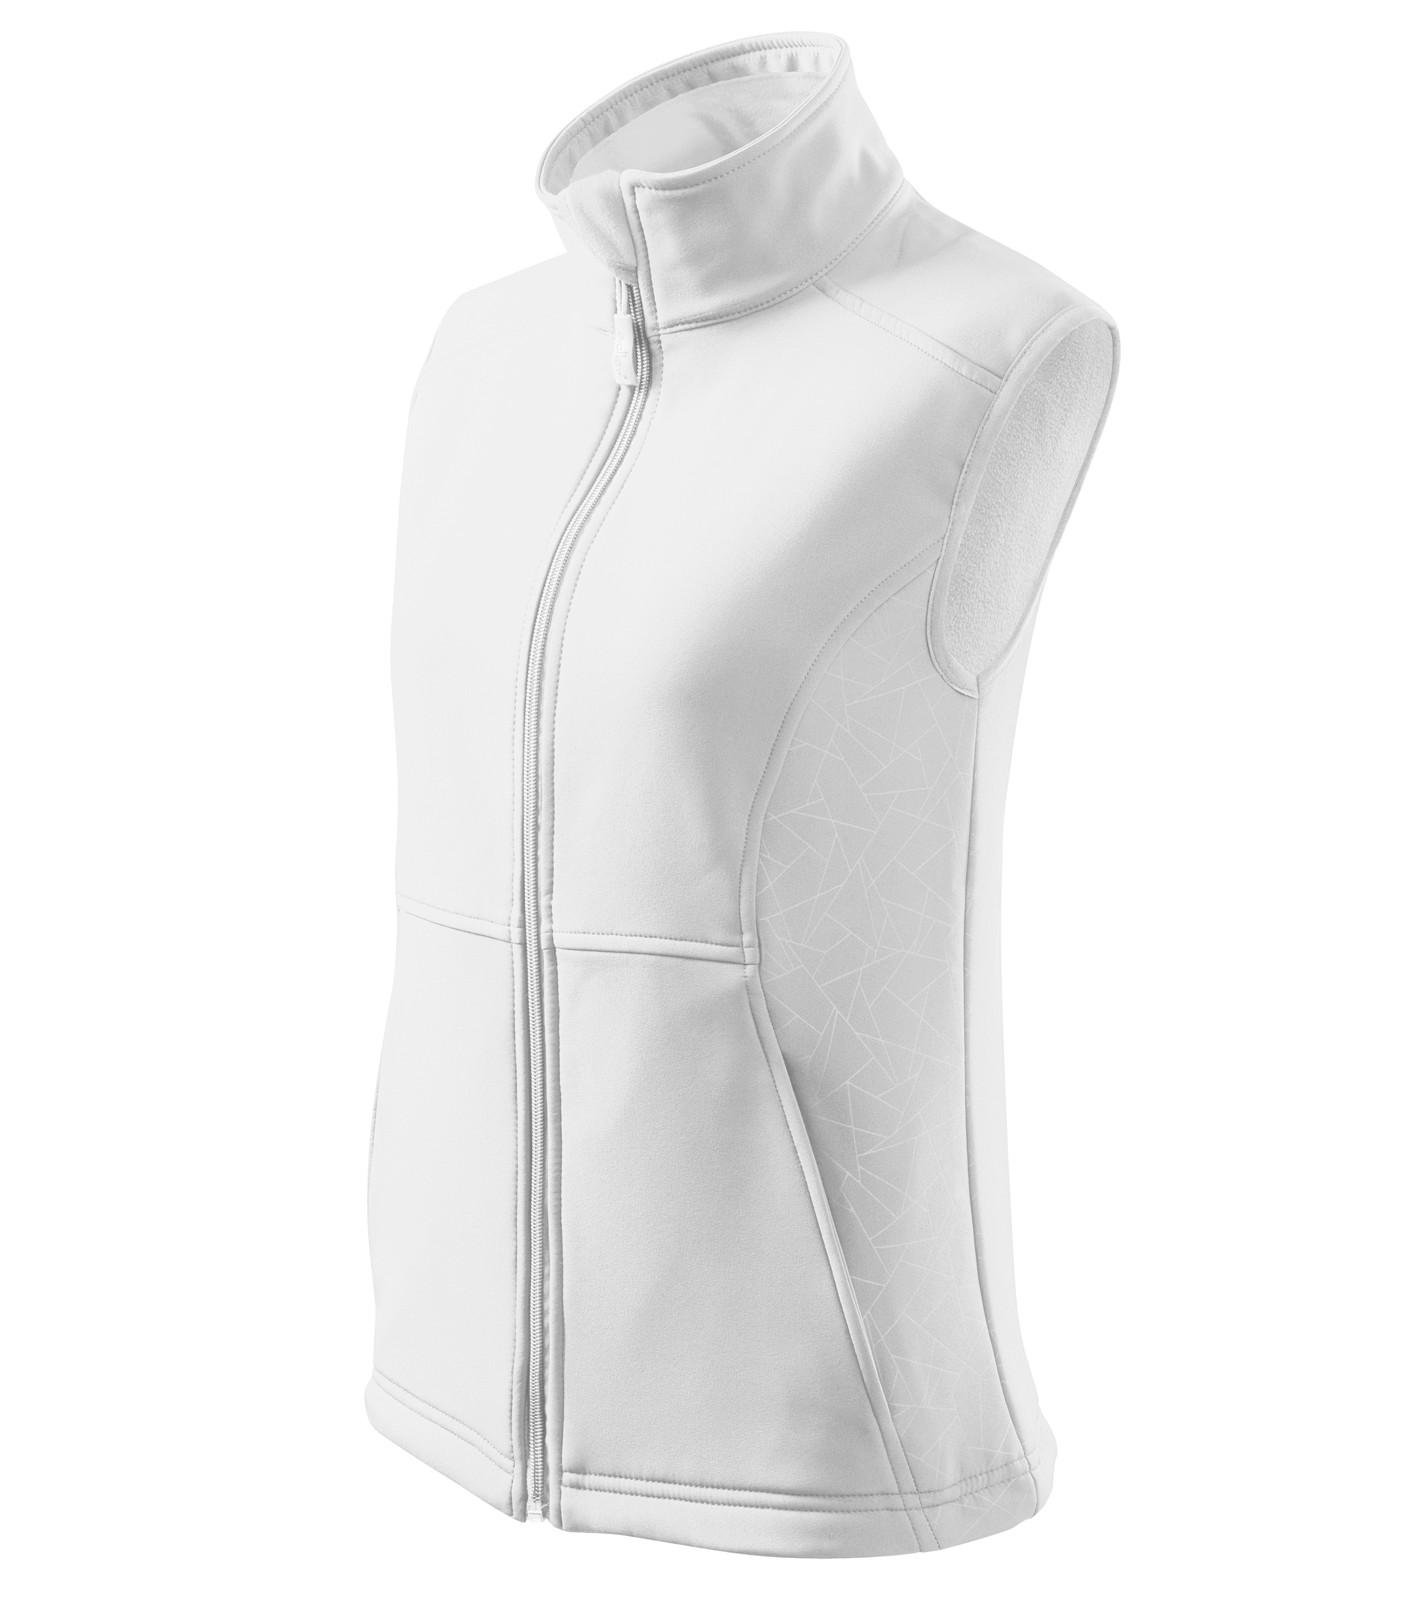 Softshellová vesta dámská Malfini Vision - Bílá / L